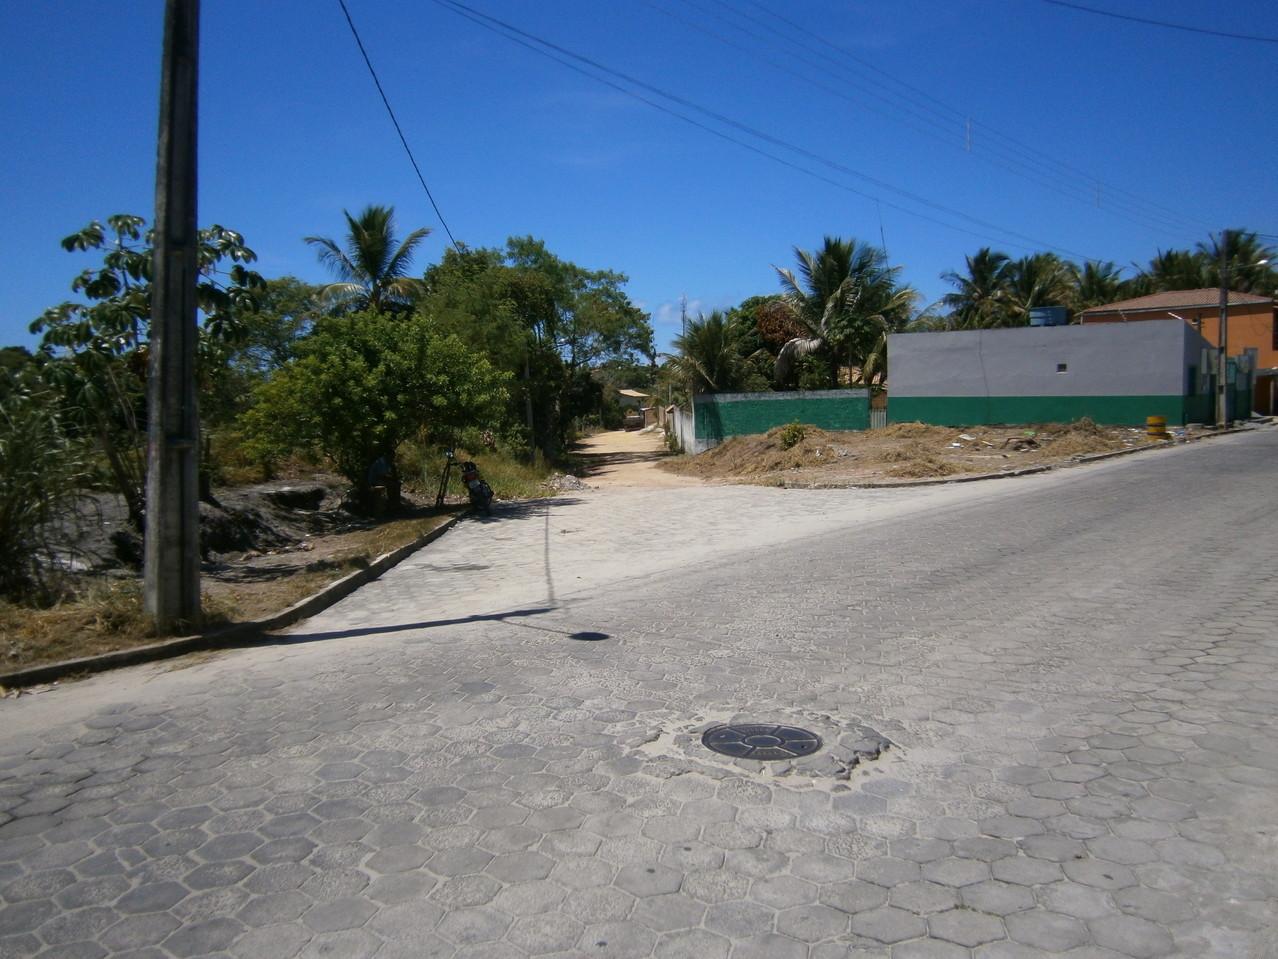 kleiner Platz vor der Strasse des Grundstücks